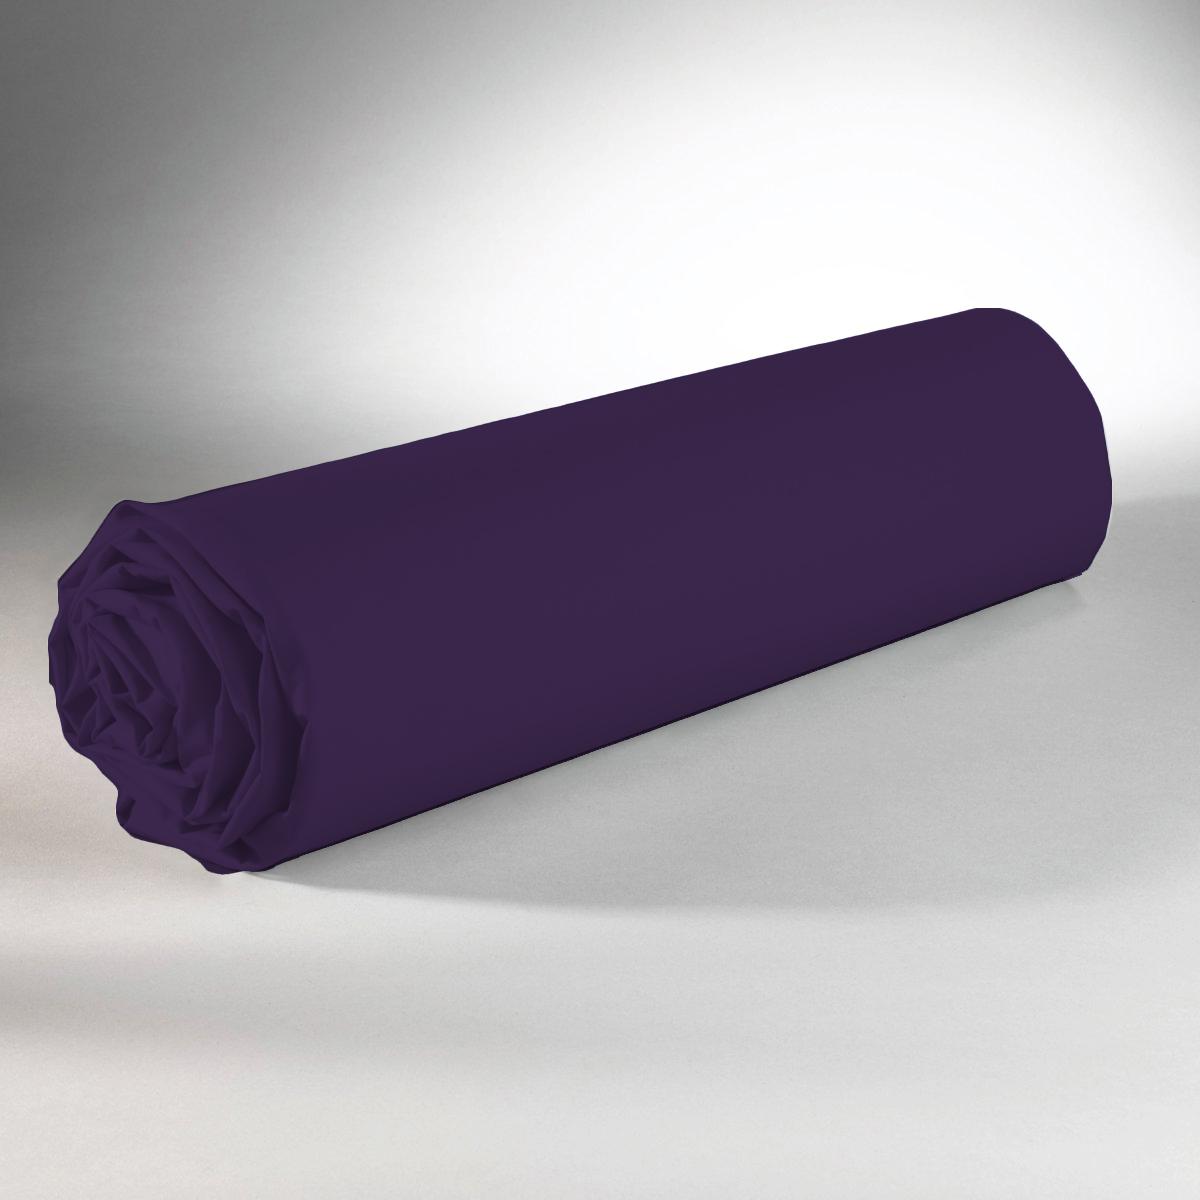 Drap housse 100% coton 160x200+25 violet